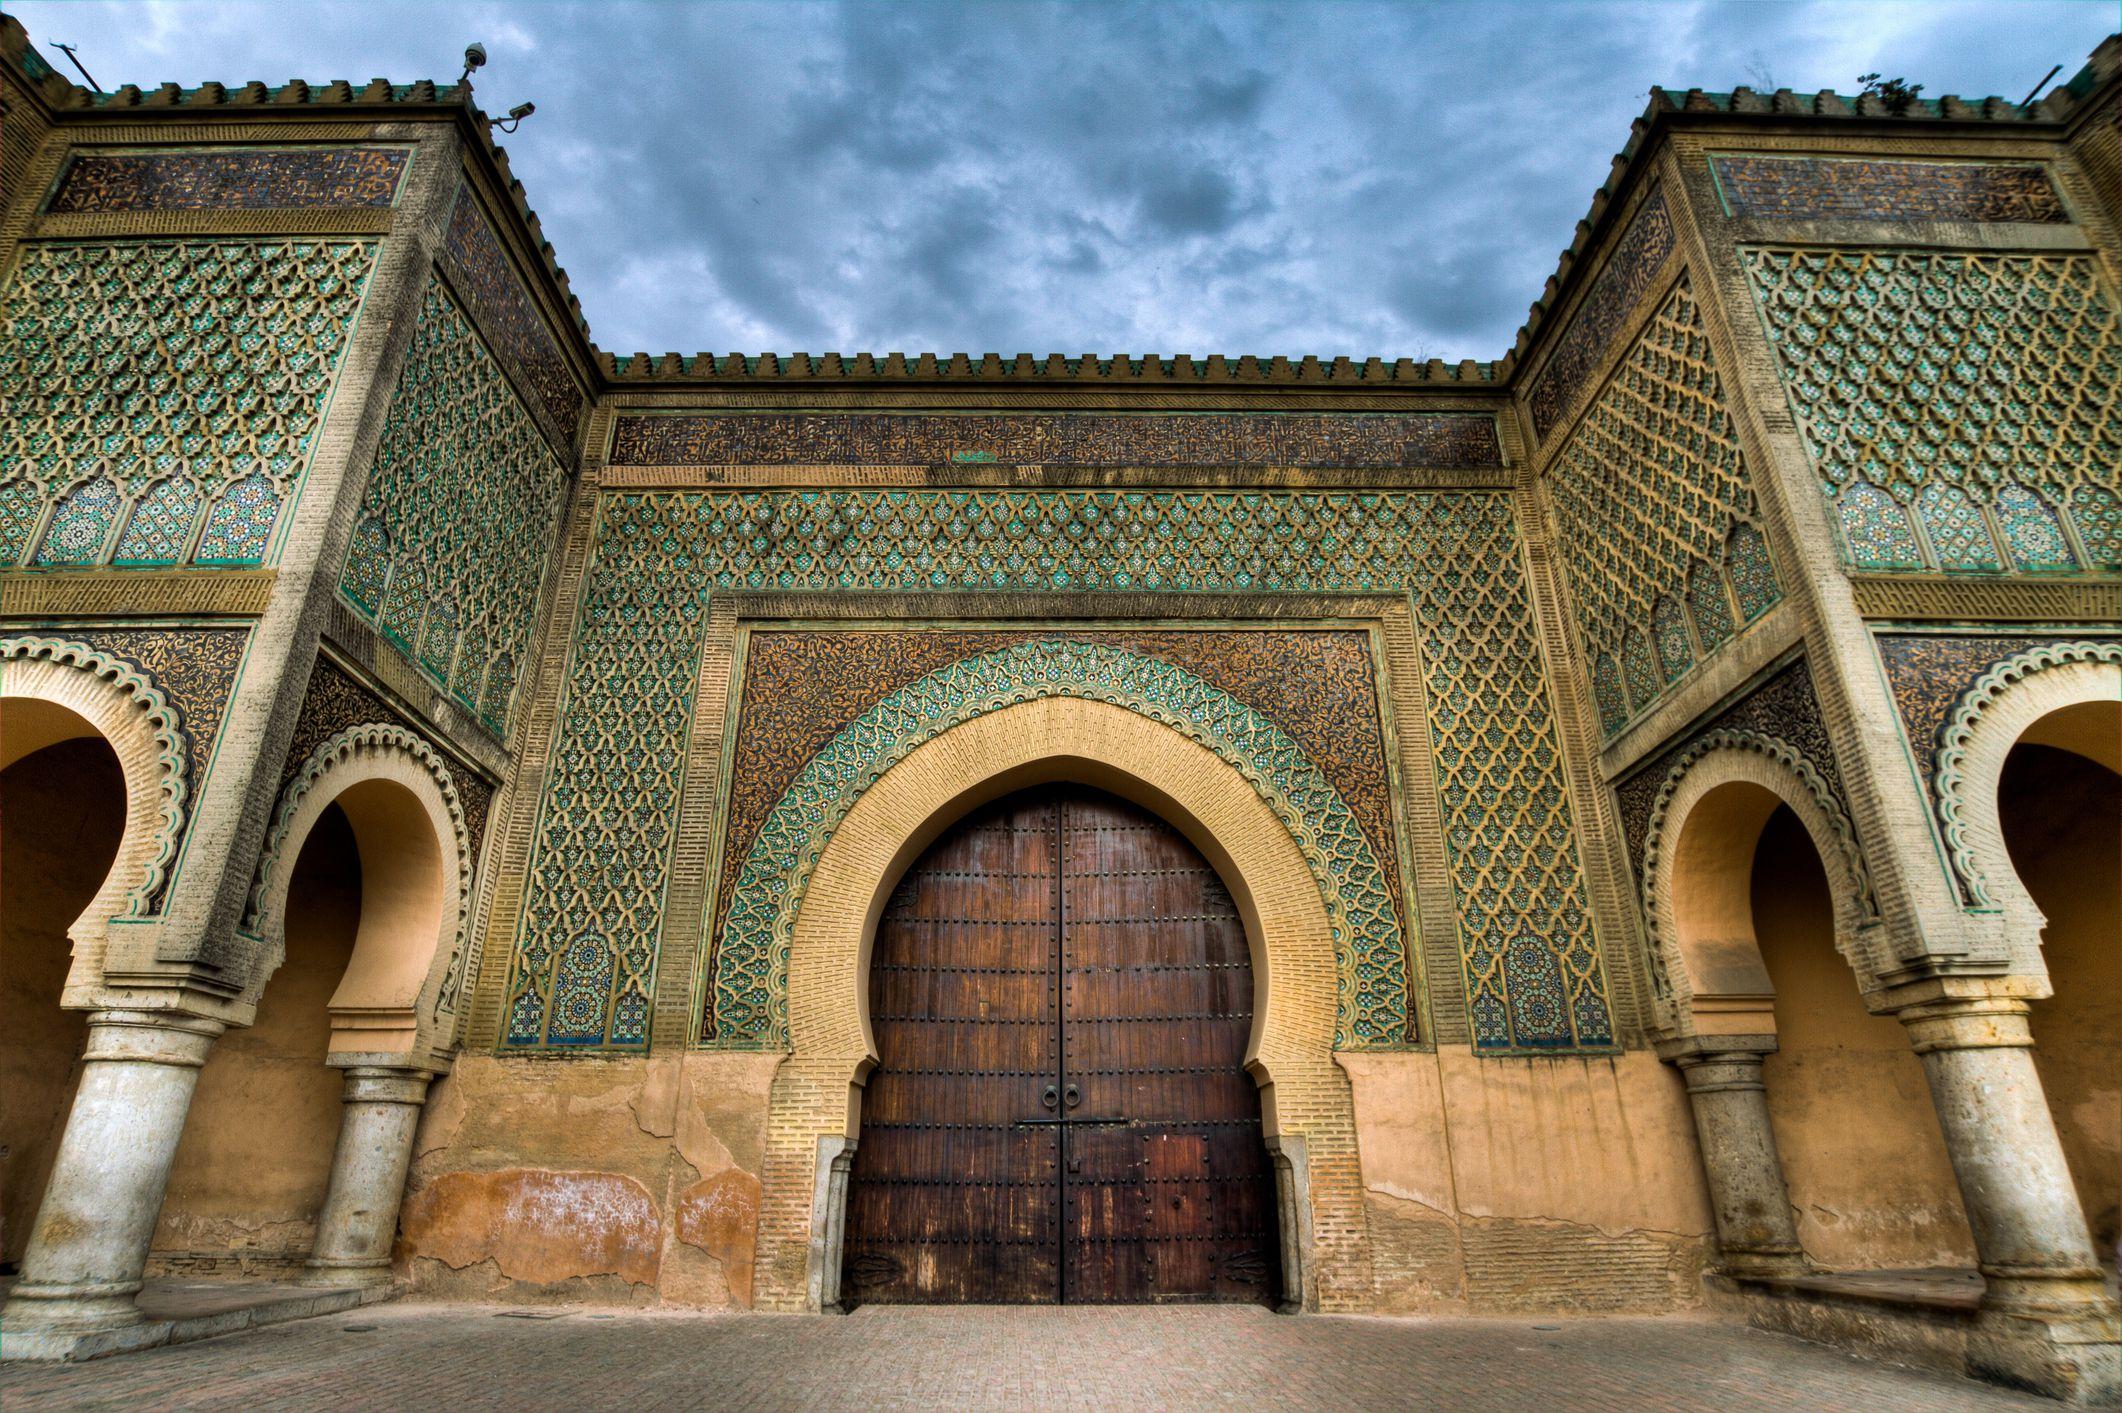 Bab Mansour Gate, Meknes